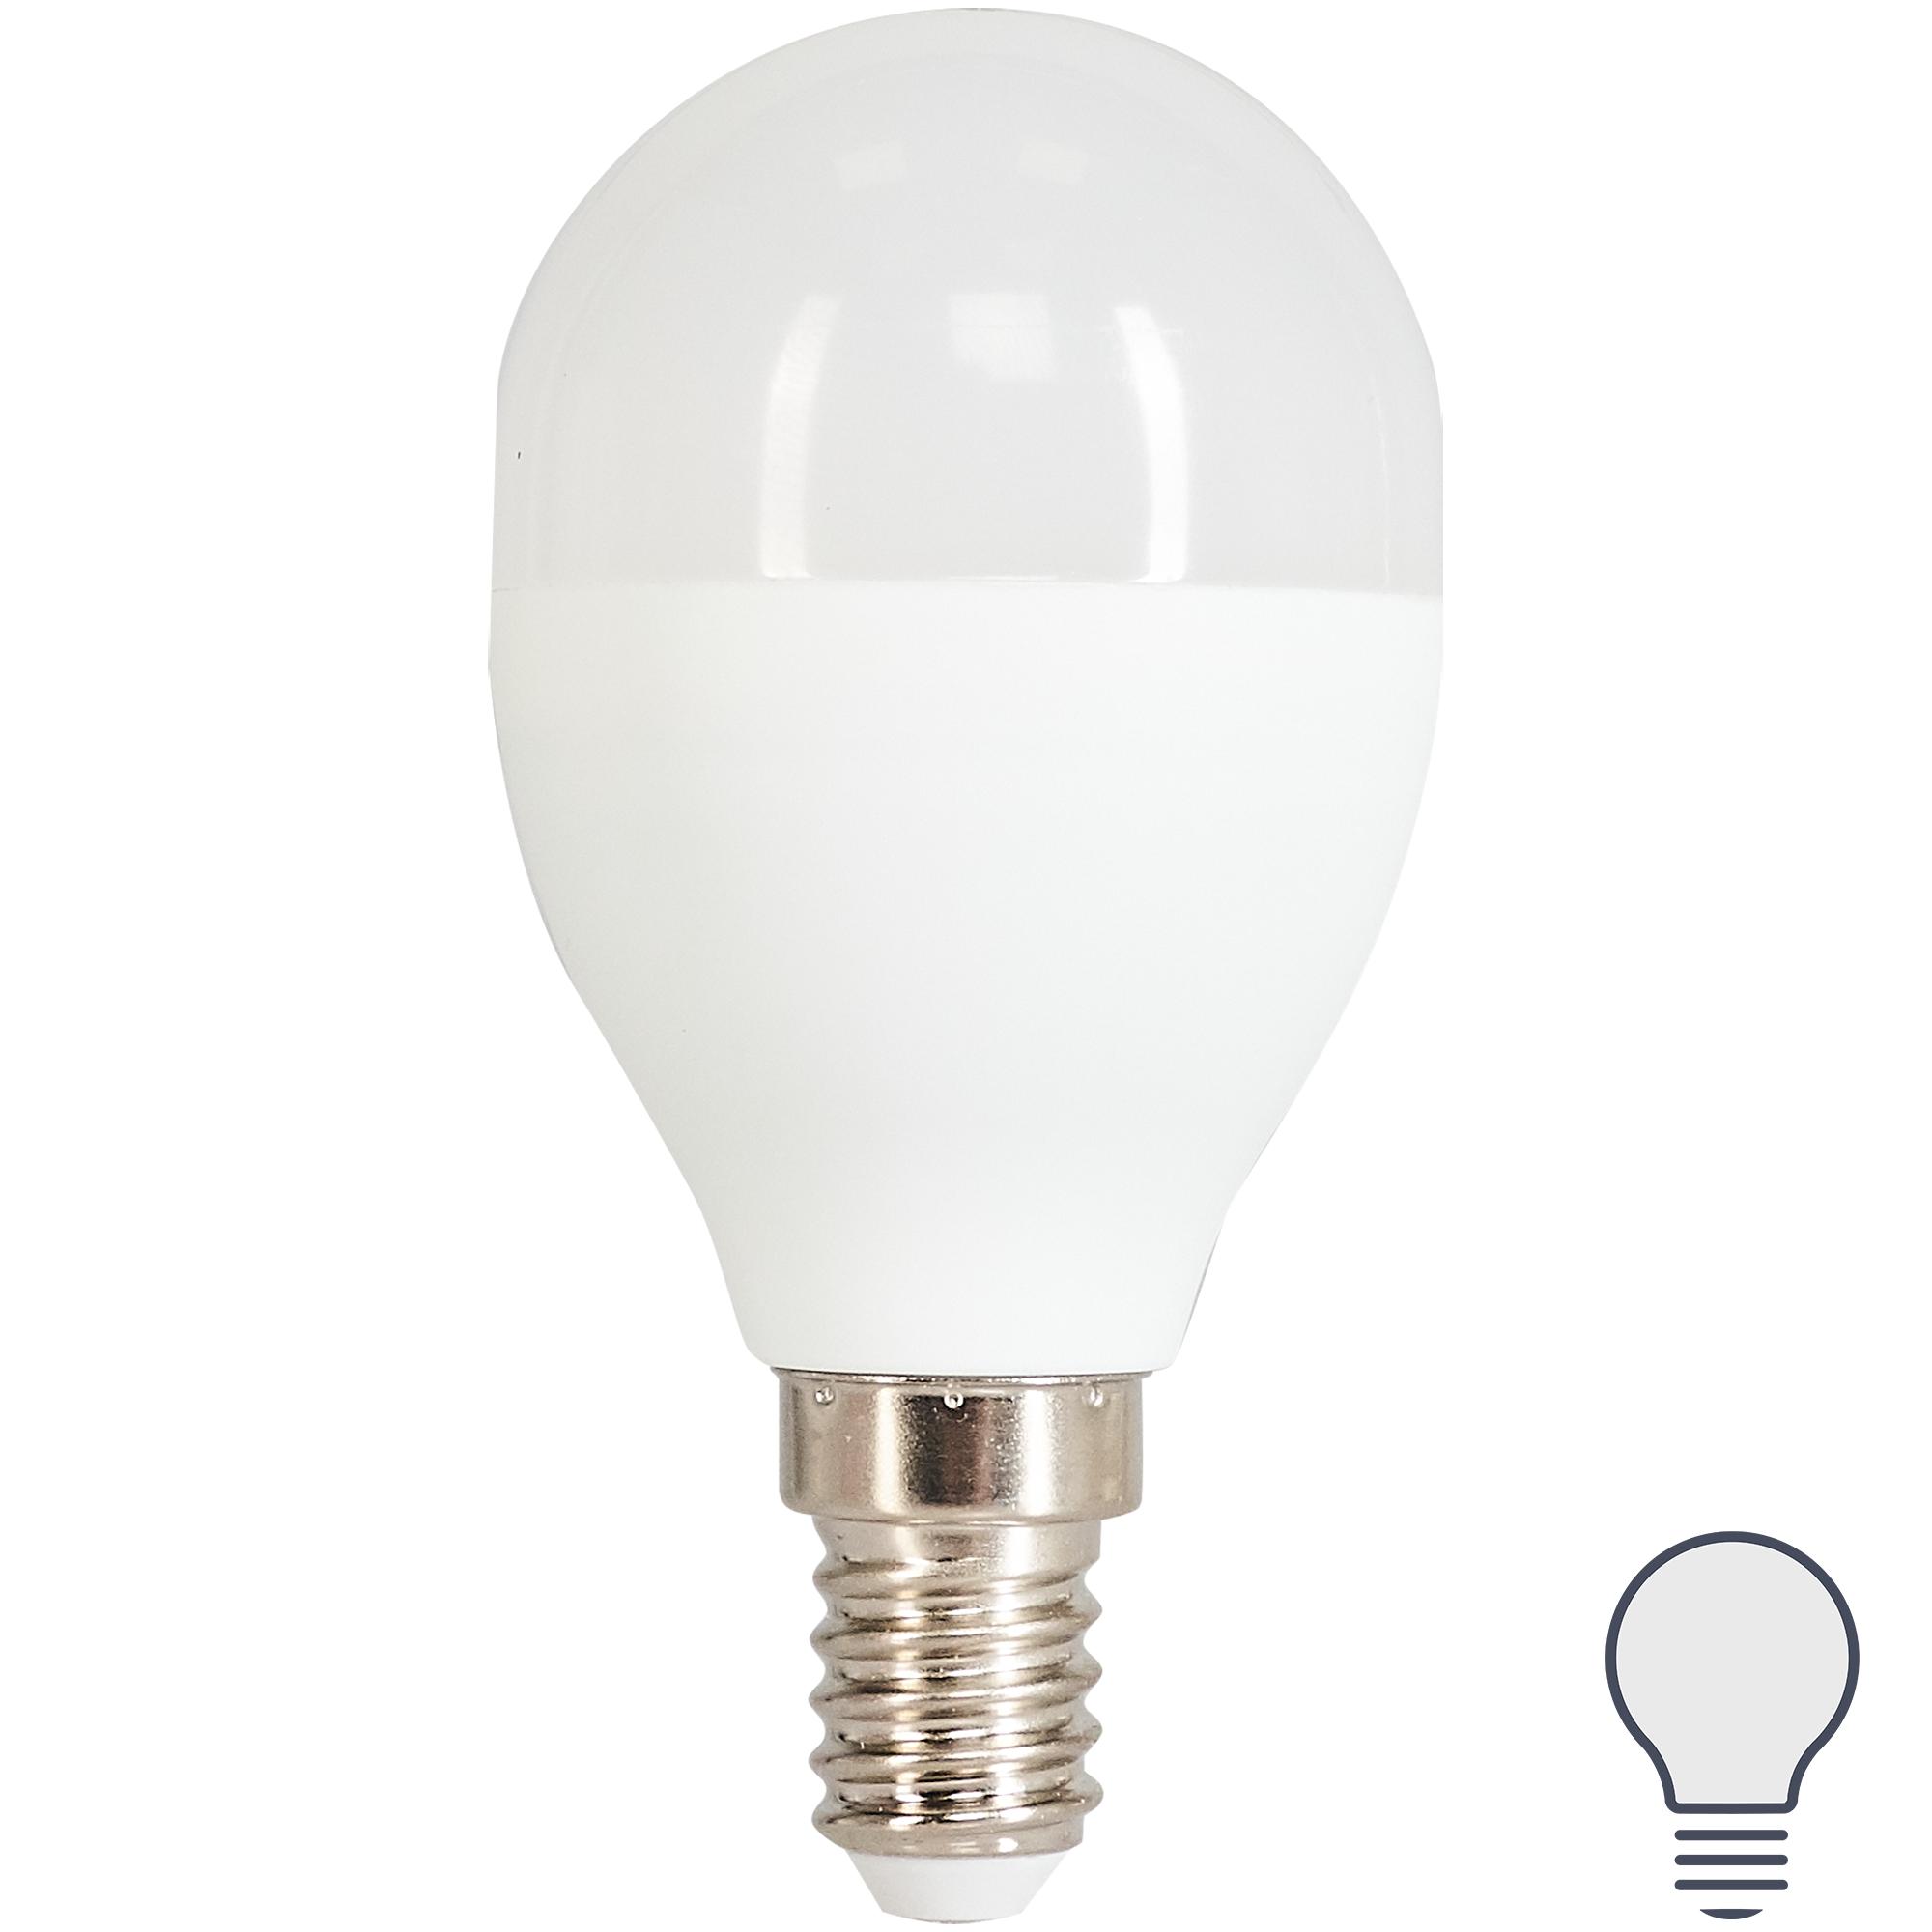 Лампа светодиодная Osram E14 220 В 8 Вт шар матовая 806 лм белый свет